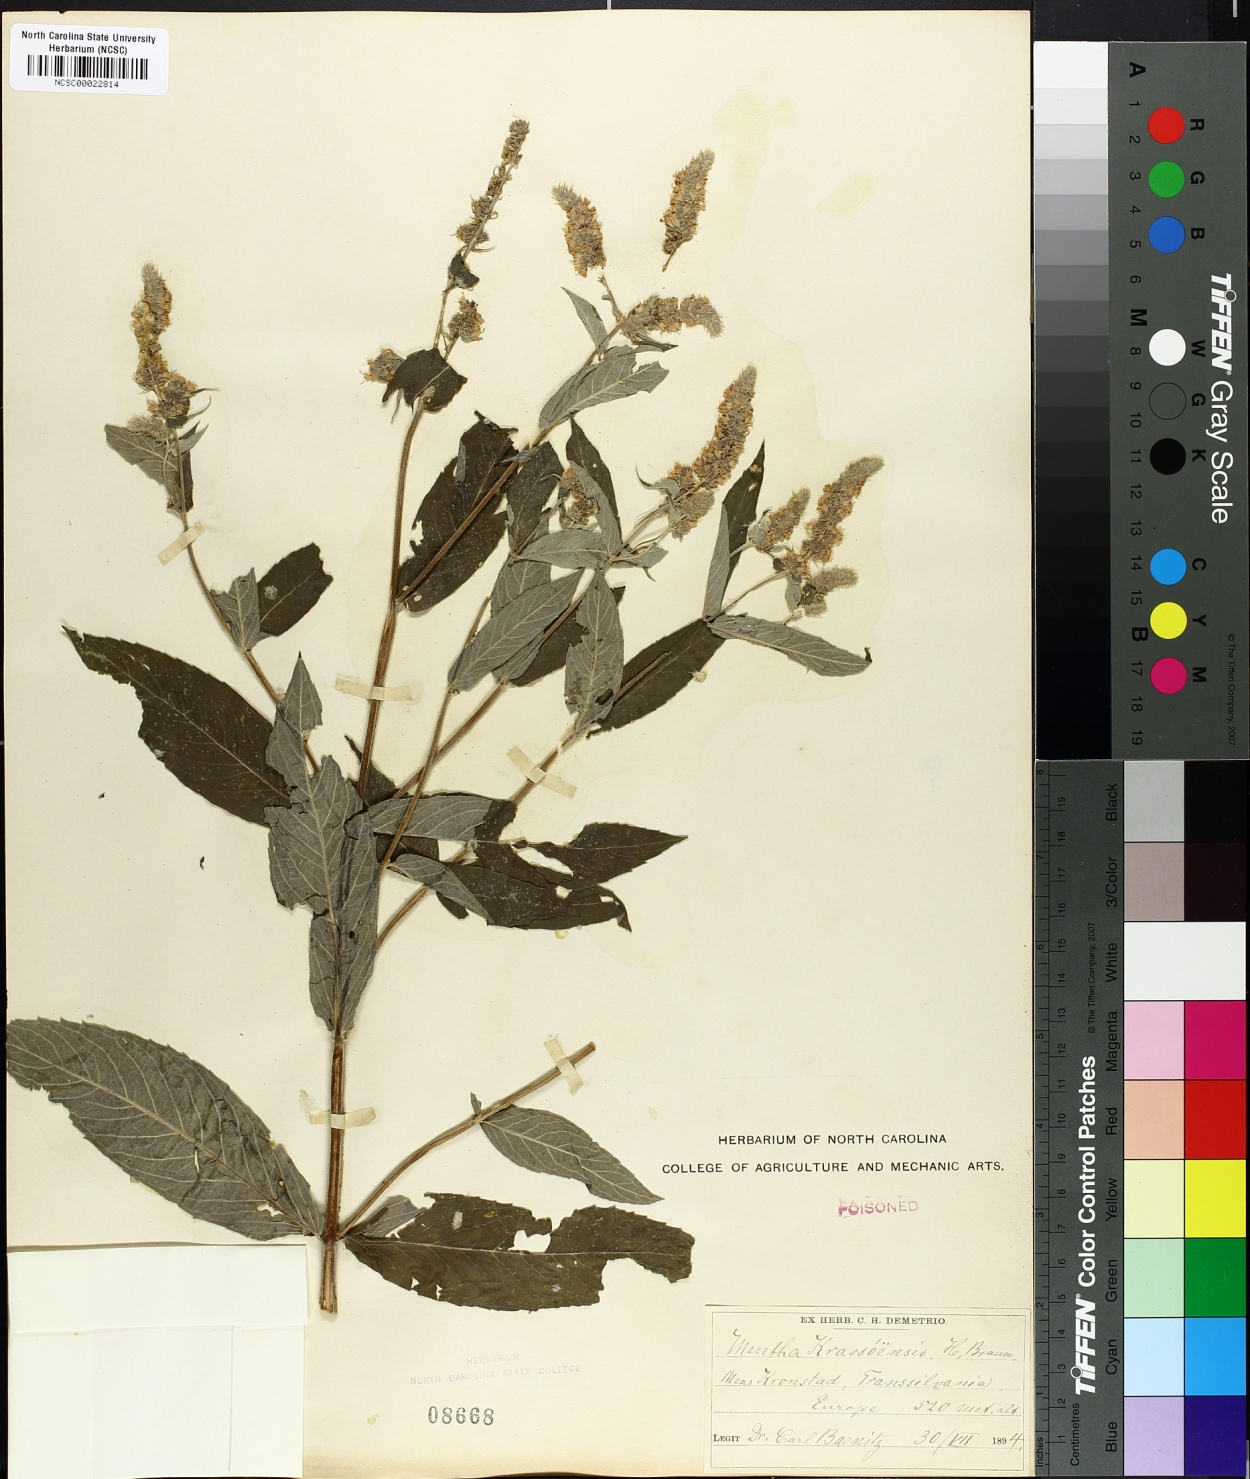 Mentha krassoensis image